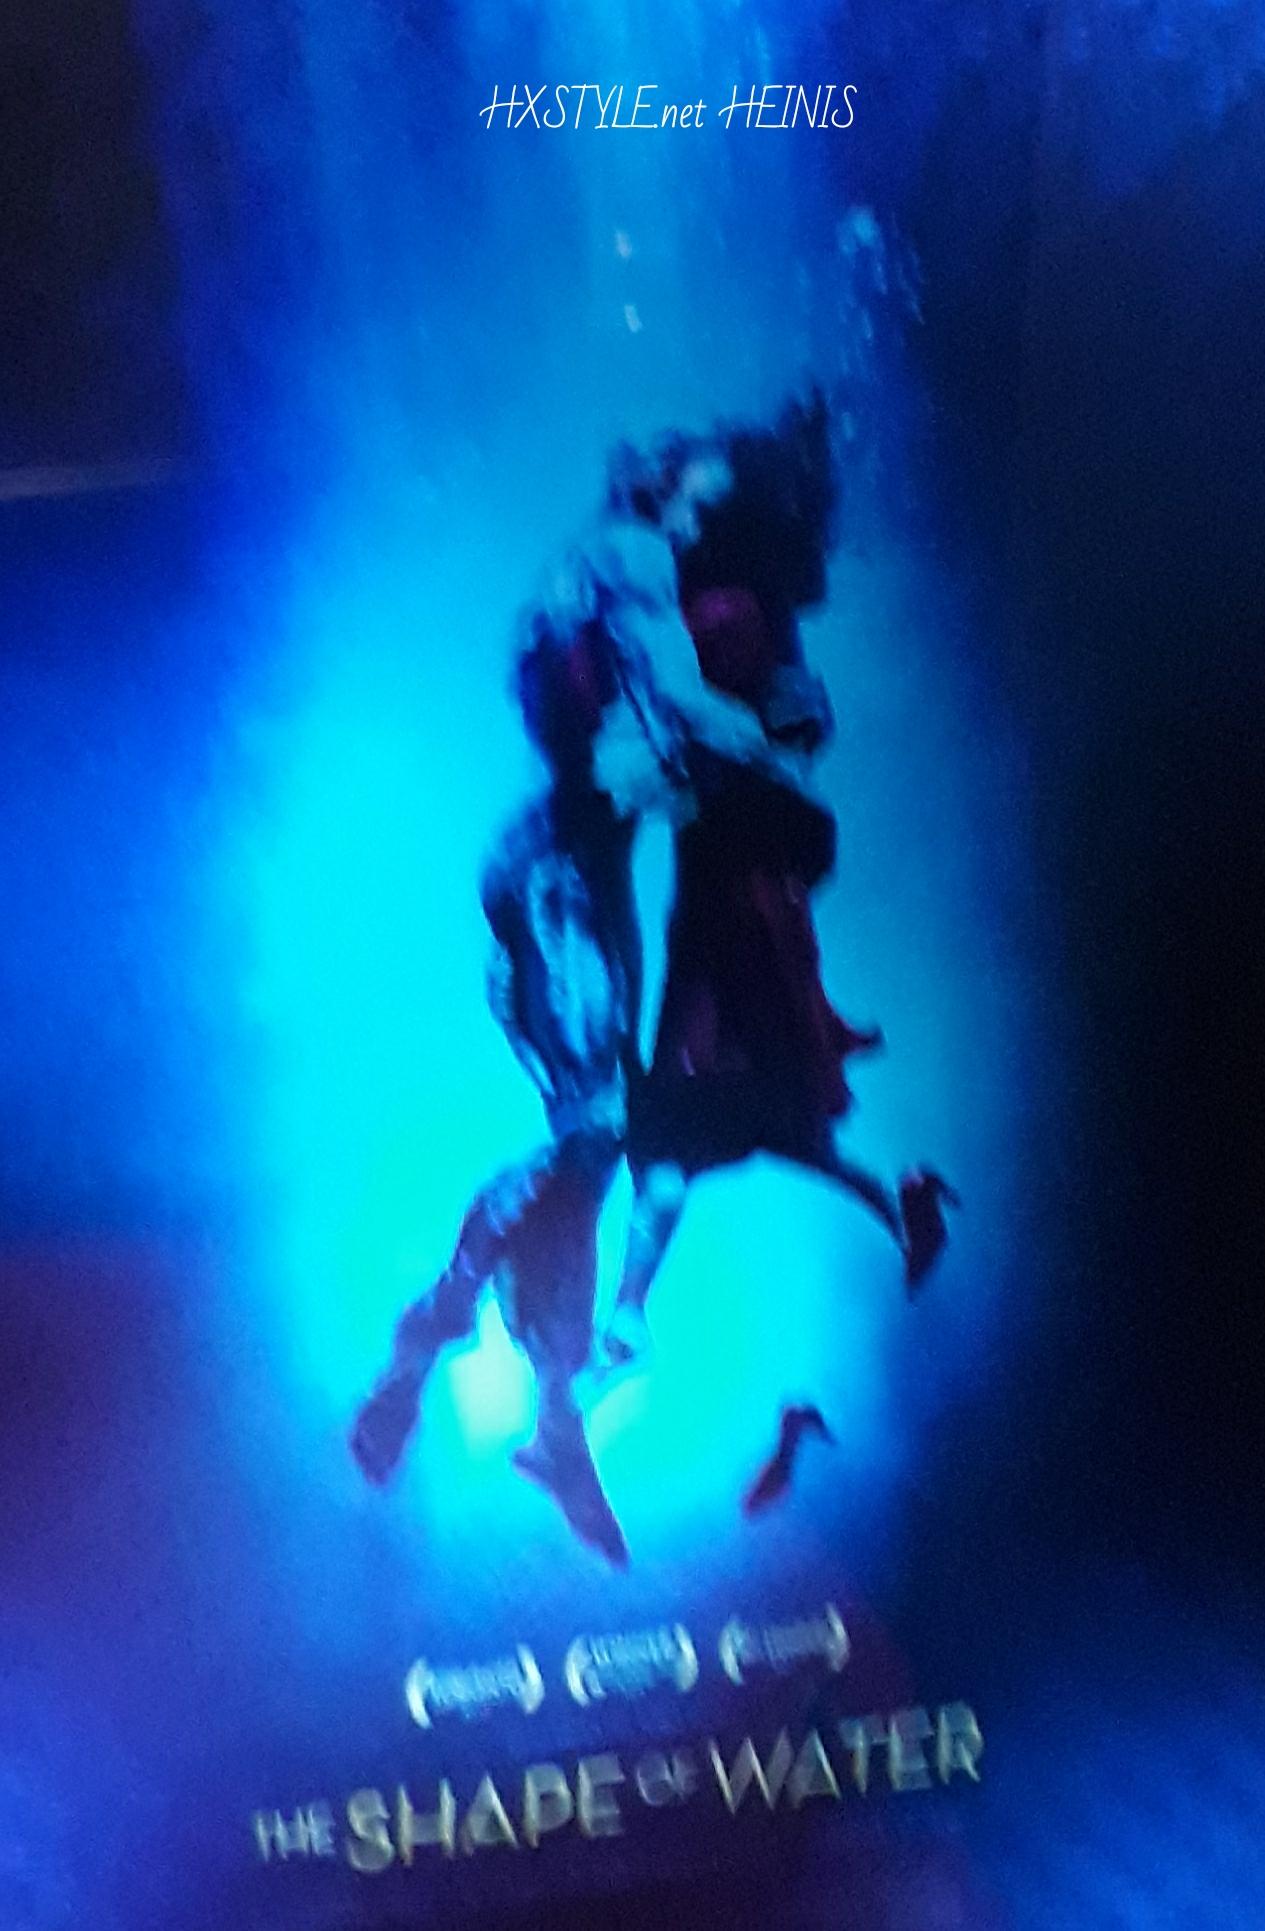 KULTTUURI. ELOKUVAT. ENSI-ILTA 9.2.2018. 2 GOLDEN GLOBE, 13 OSCAR EHDOKKUUTTA…THE SHAPE OF WATER -elokuva ARVOSTELU. 20.2.2018 HXSTYLE.net HEINIS